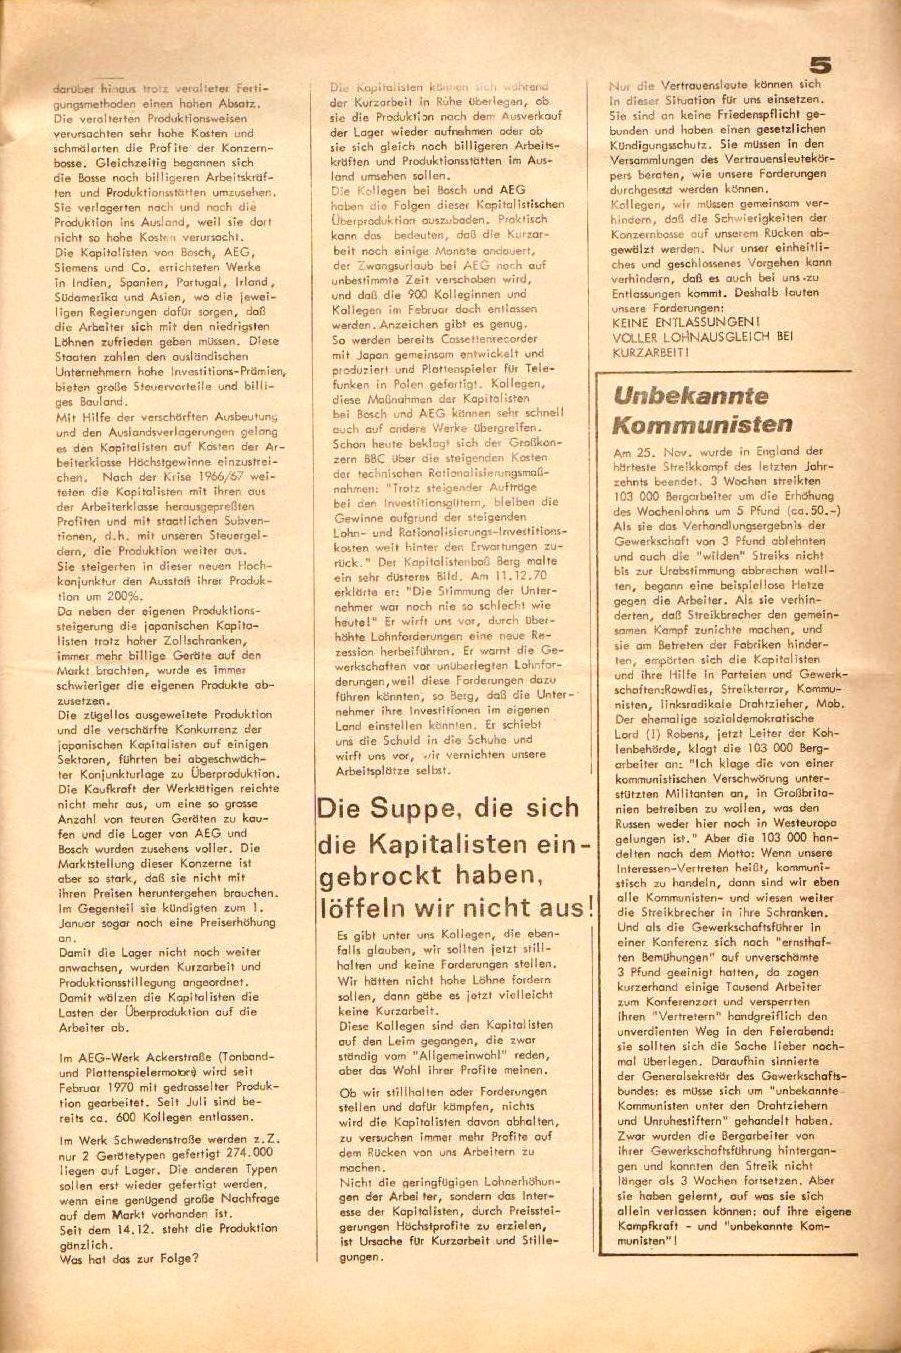 Berlin_KBML044